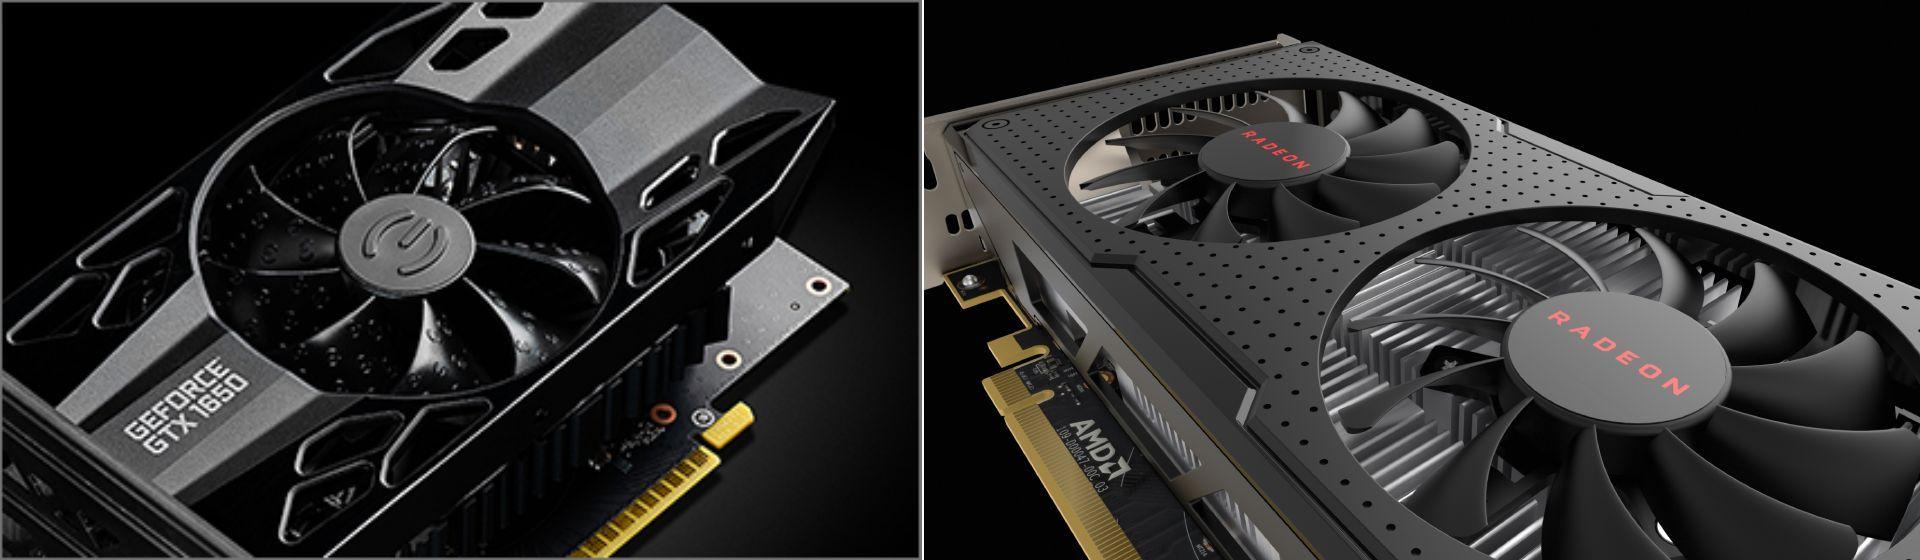 GTX 1650 vs RX 570: qual é a melhor placa de vídeo 'barata'?